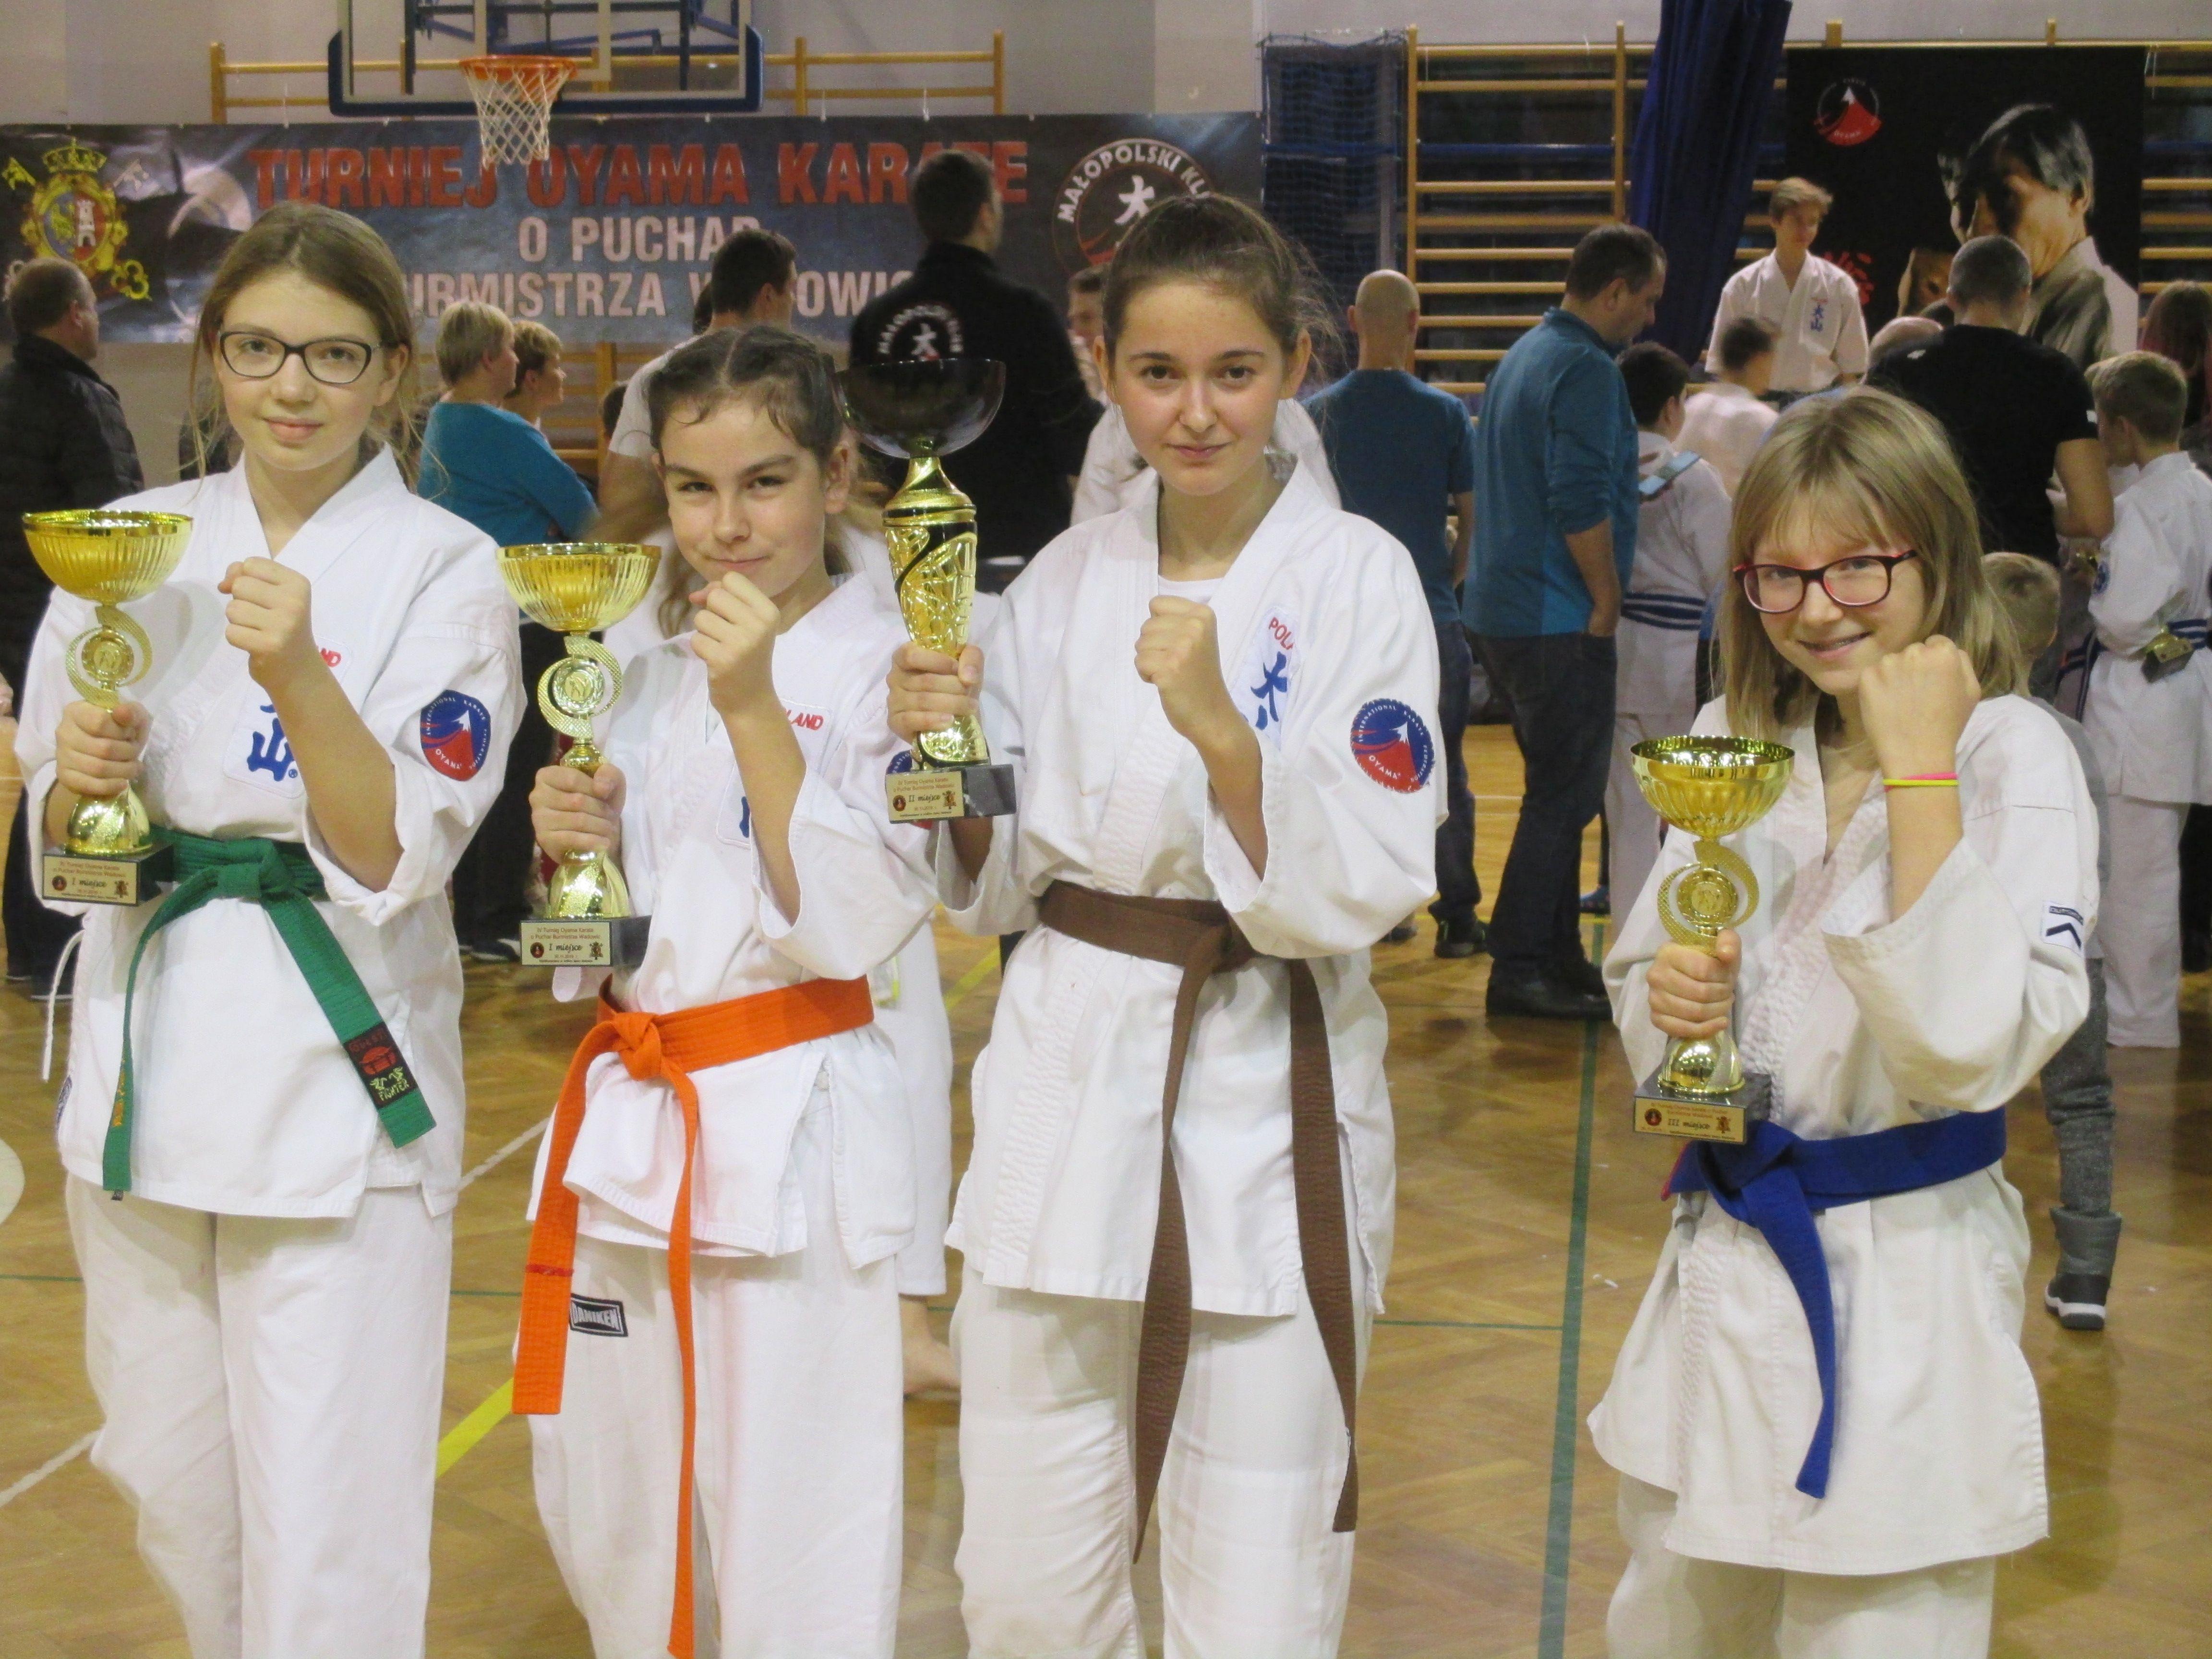 Stoją od lewej: Emilia Stawowy, Karolina Kozak, Gabriela Kwaczała i Kinga Grzegorczyk. Fot. zbiory KOK Brzeszcze/nadesłane